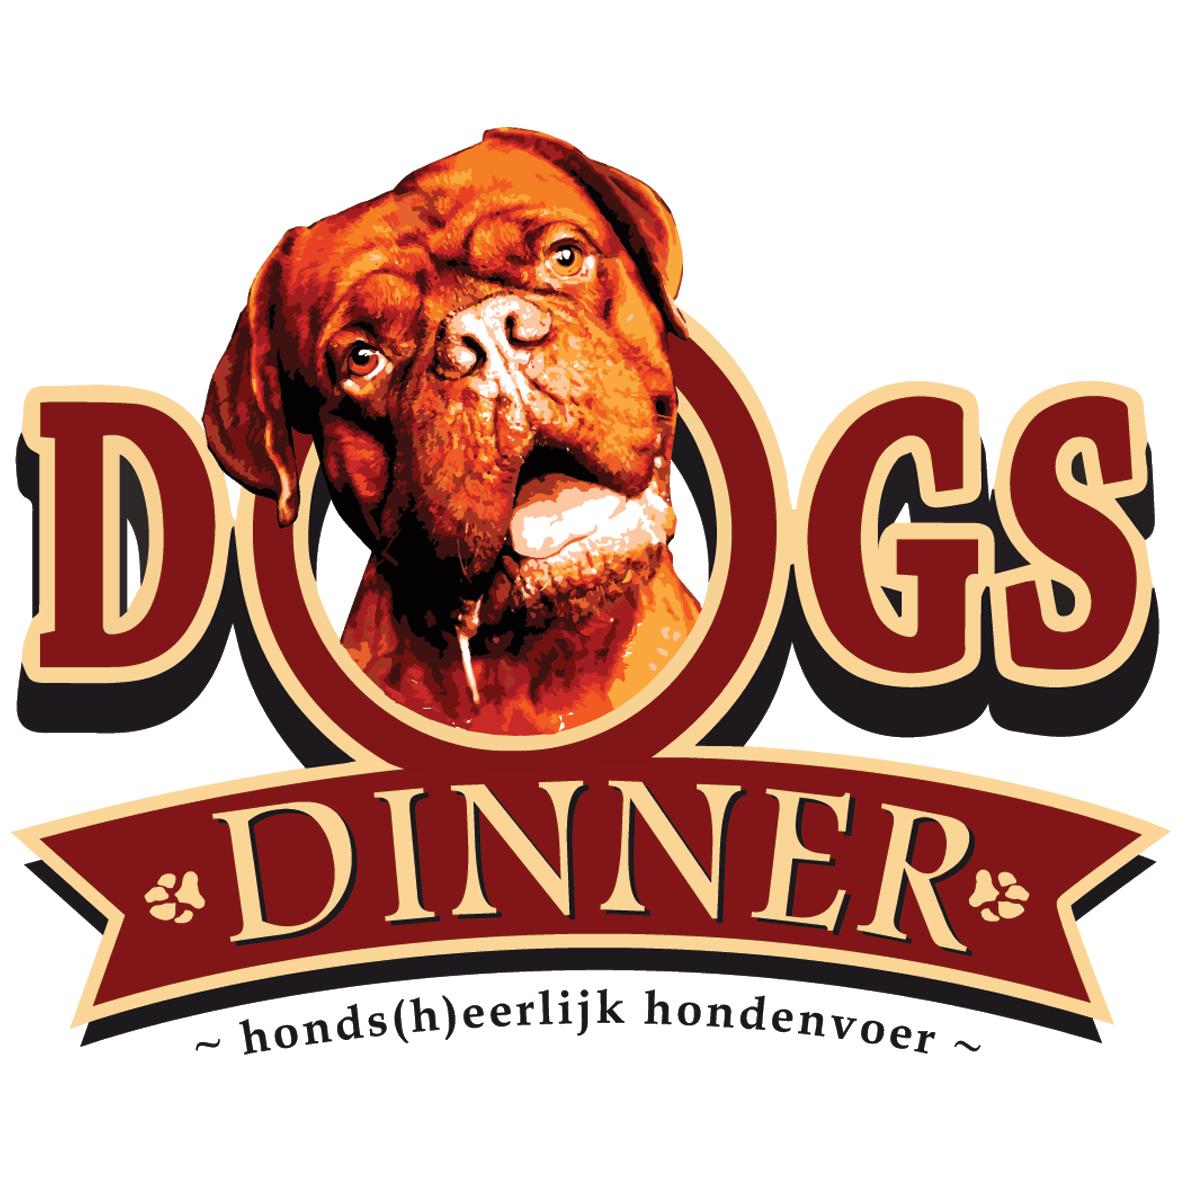 Dogsdinner hondenvoer thuisbezorgd